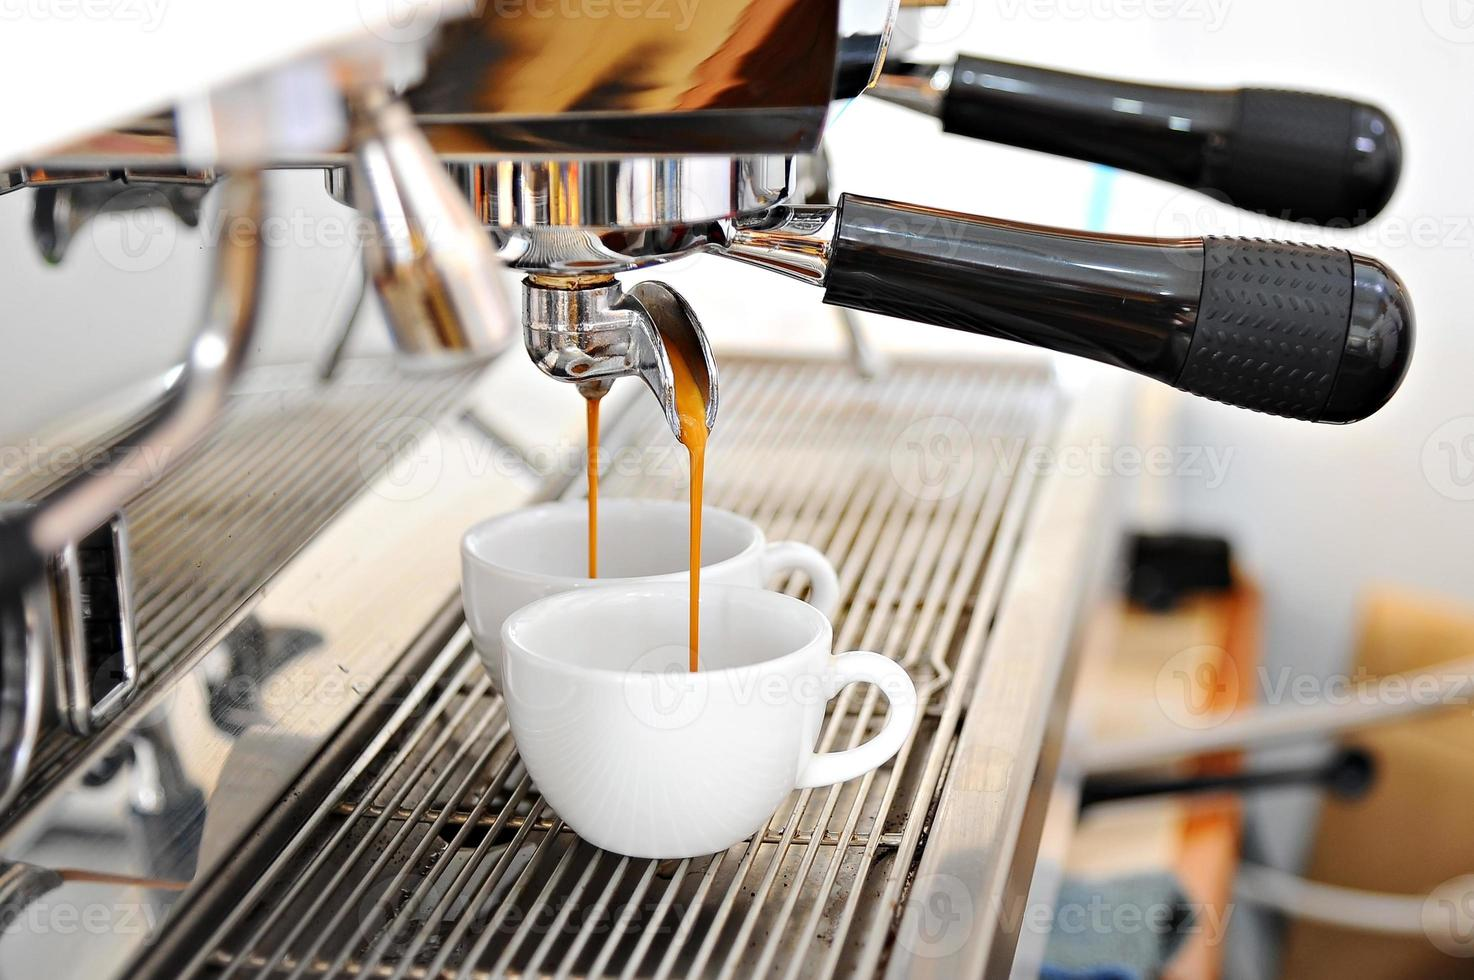 la macchina da caffè produce due tazze di caffè caldo foto